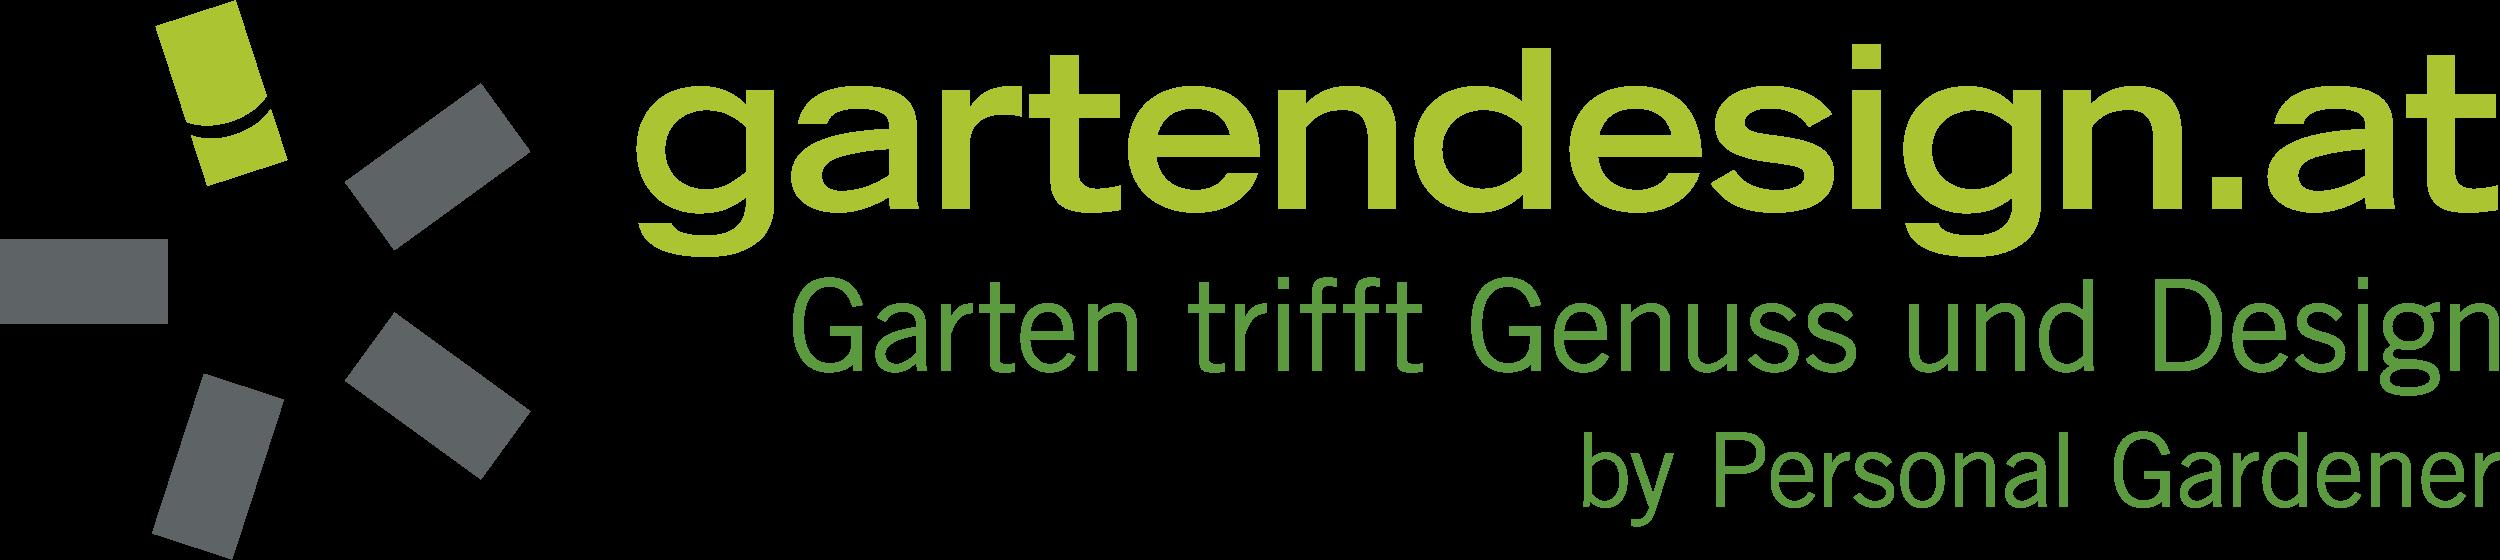 PERSONAL-GARDENER GARTENDESIGN GmbH aus Rutzenmoos | Personal-Gardener - Genuss - Garten - Design - ist Ihr zuverlässiger Profi für Ihre individuelle Gartengestaltung aus Neudorf im Bezirk Vöcklabruck/Oberösterreich